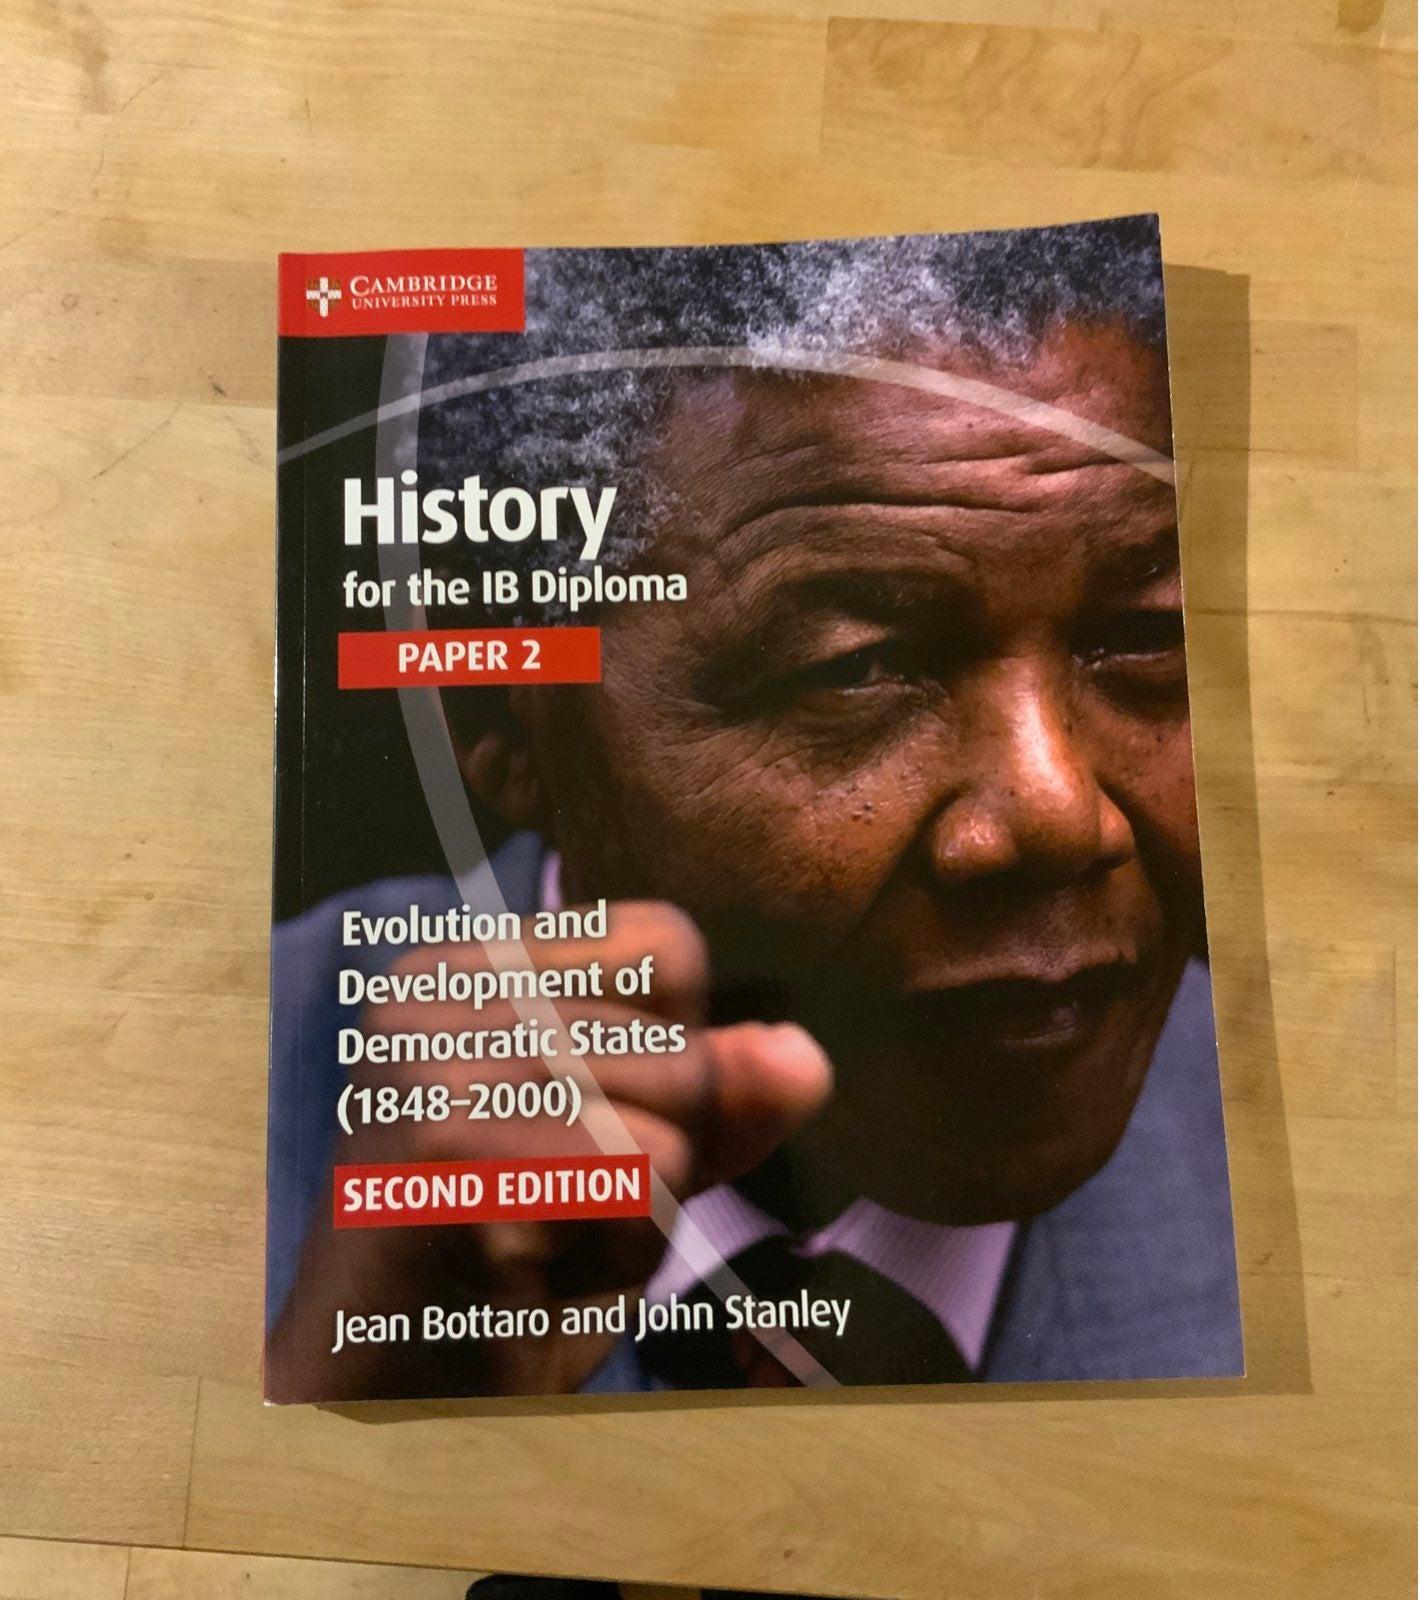 Ib history paper 2 book